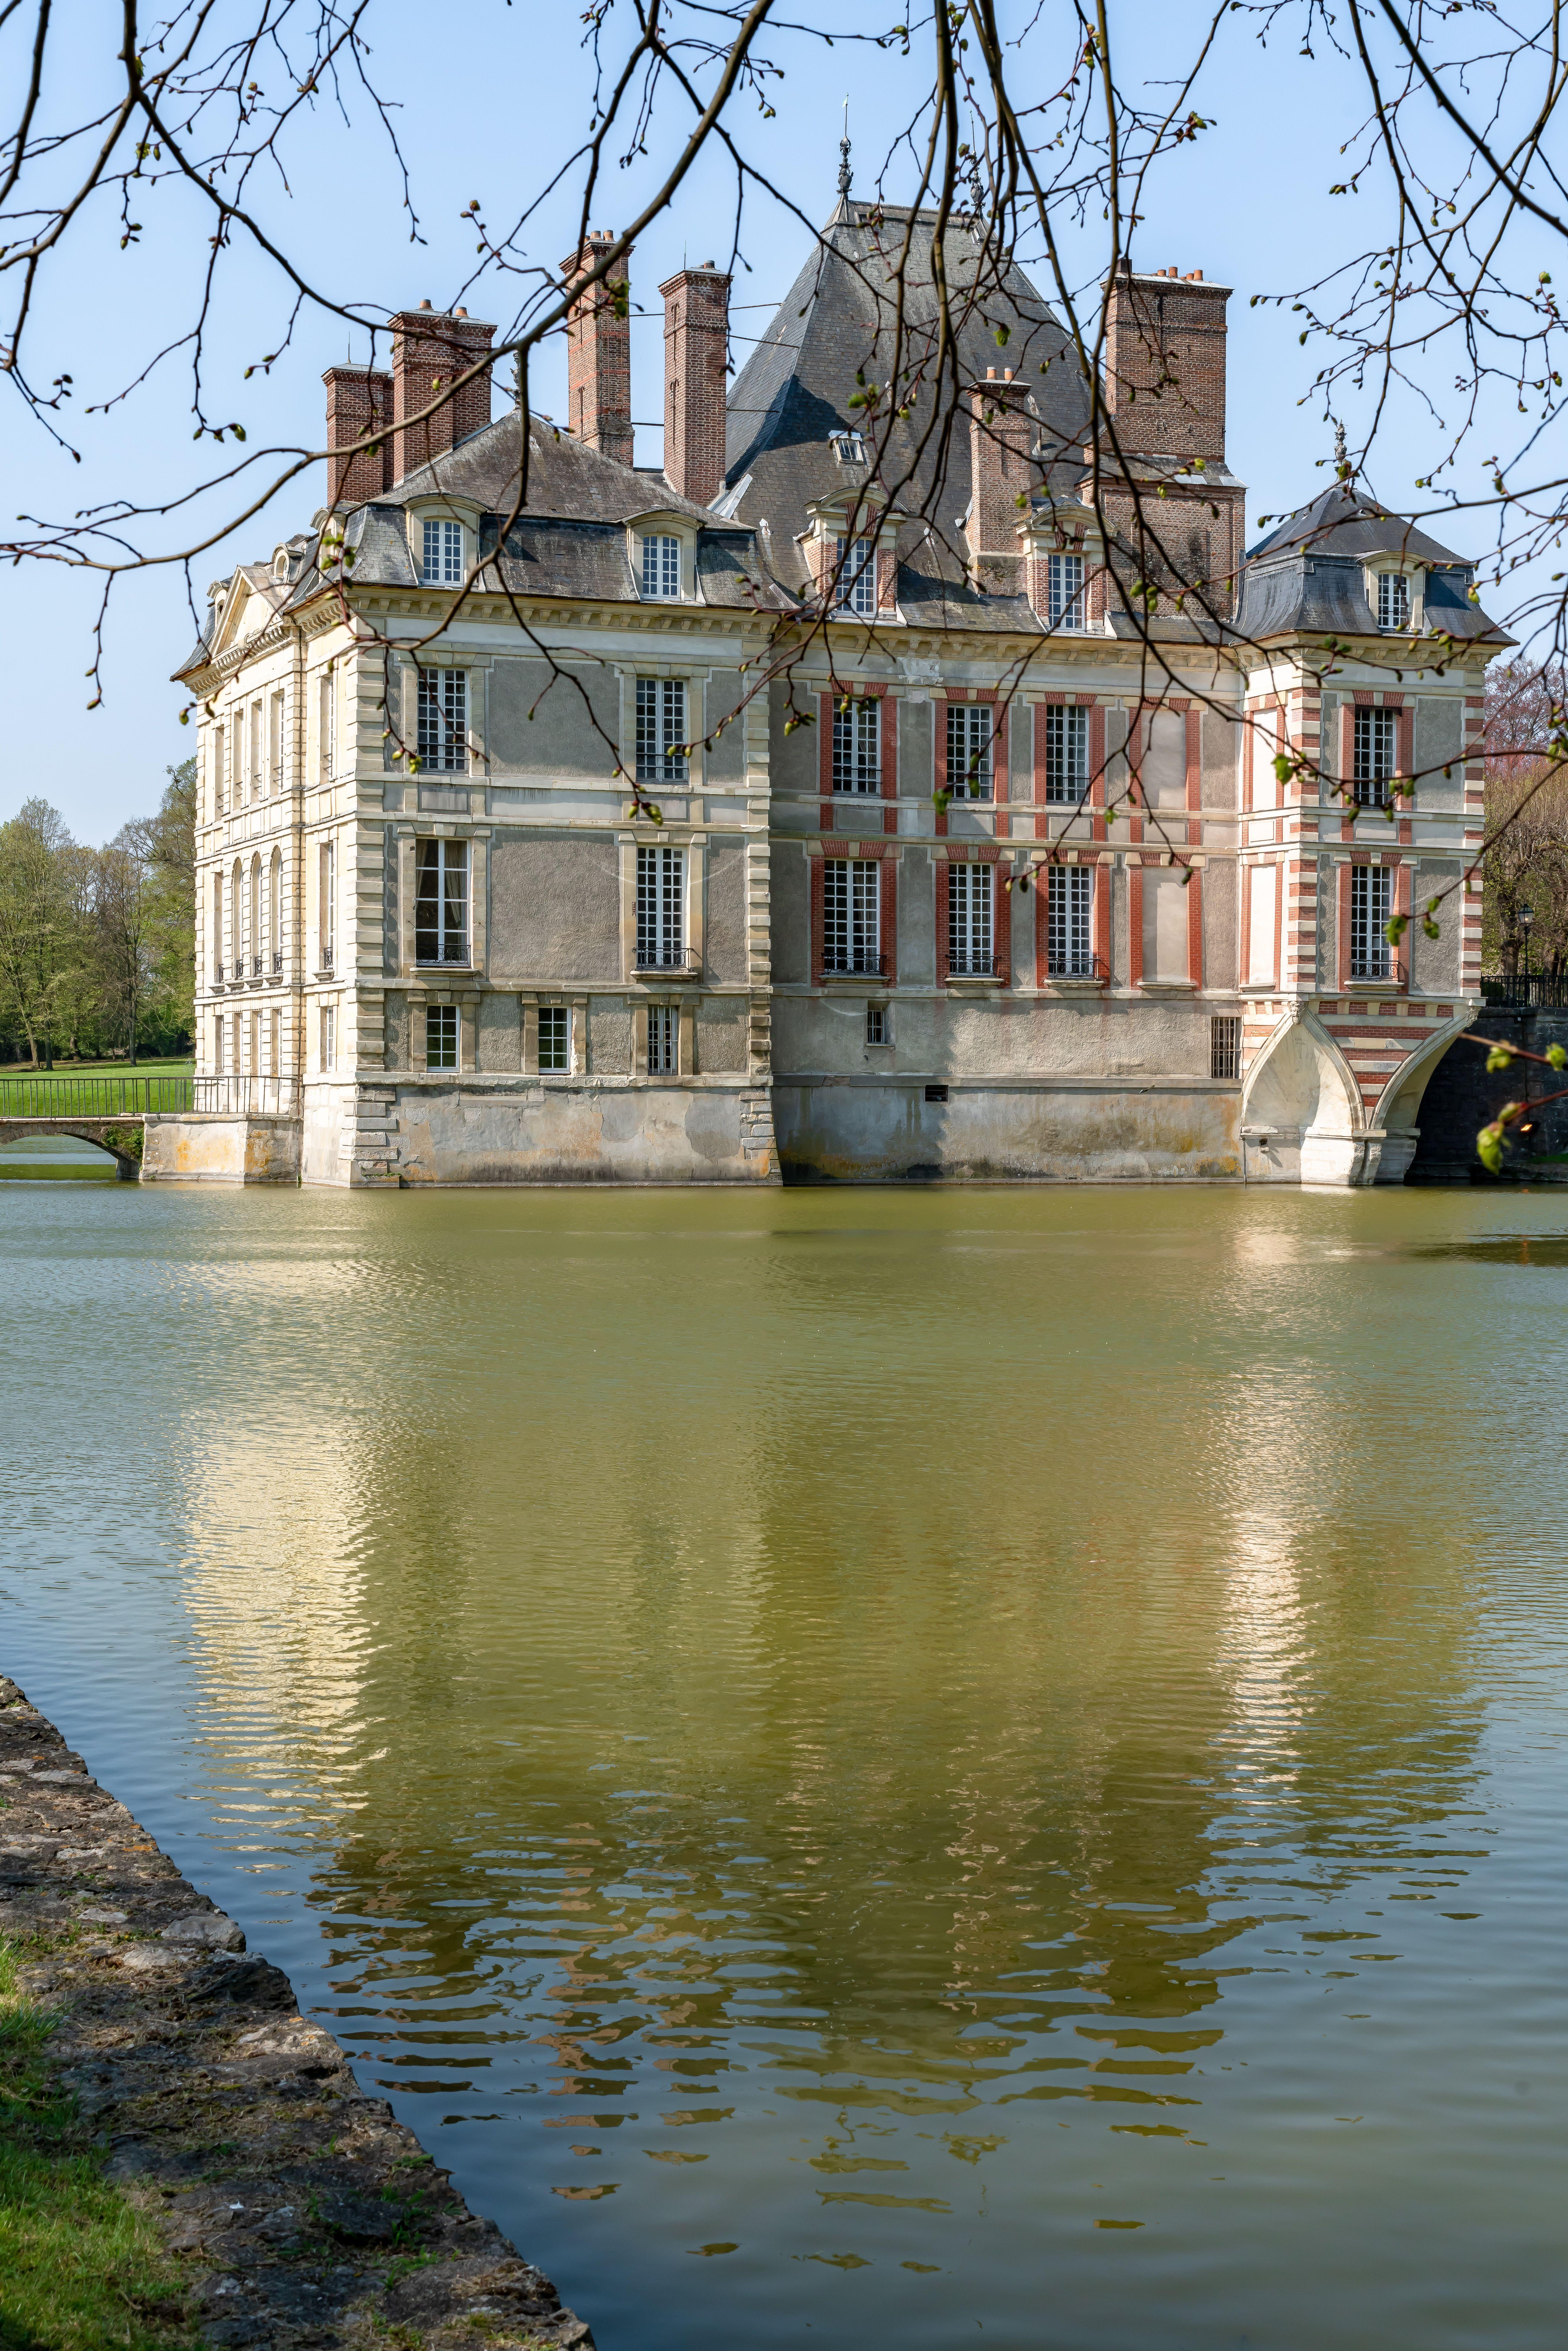 Chateau En Ile De France : chateau, france, Beaux, Châteaux, D'Île-de-France, Visiter, Château,, France,, Chateaux, France